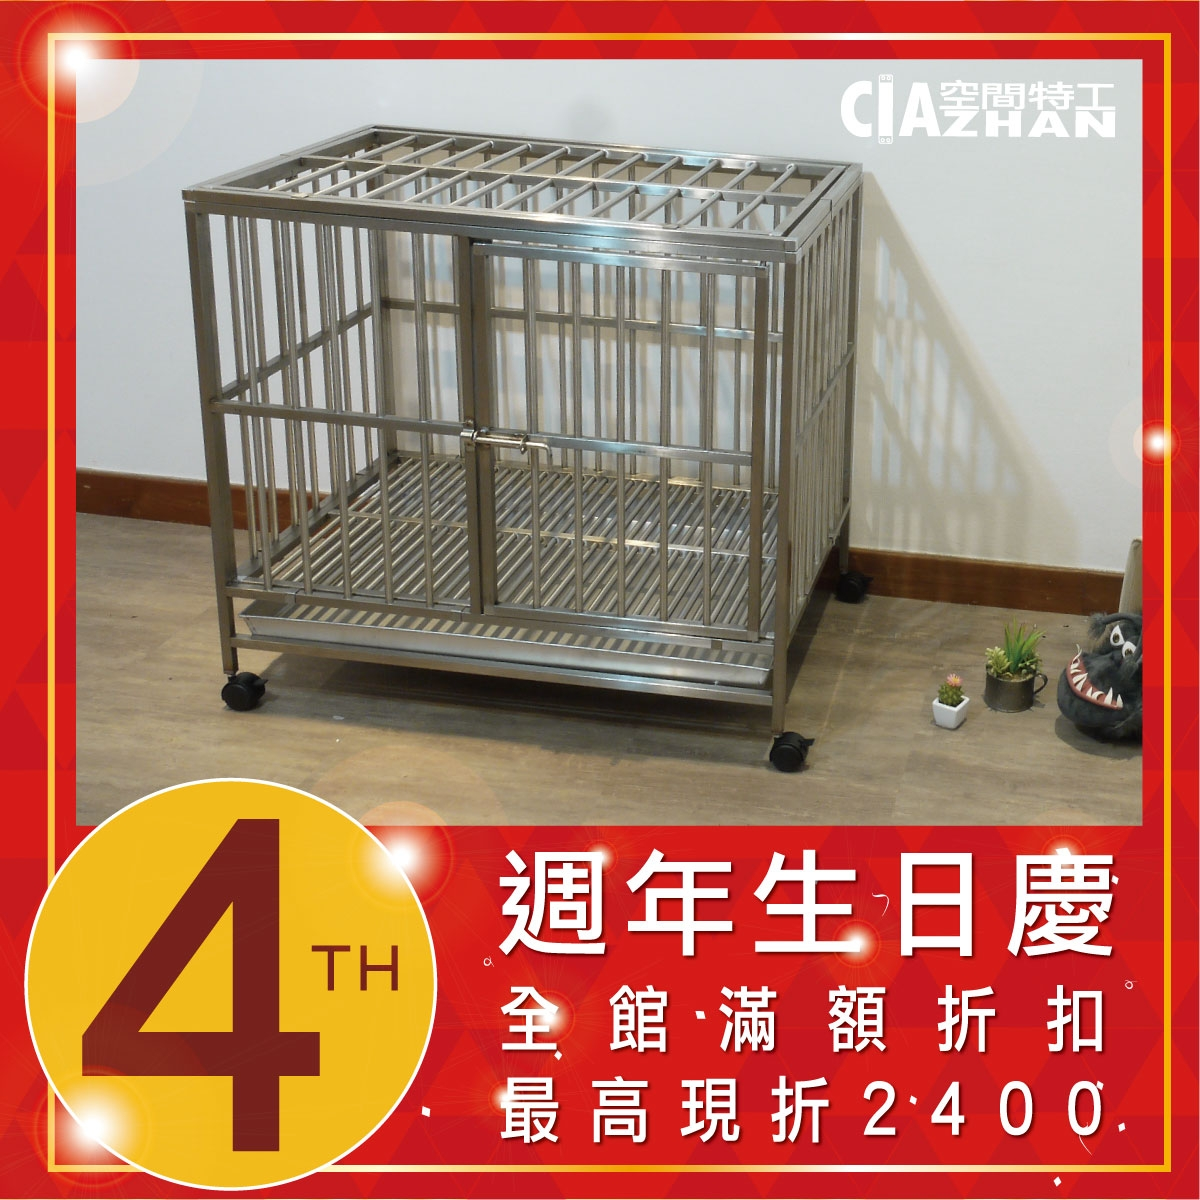 空間特工日本外銷3尺*2尺不鏽鋼狗籠堅固耐用304不銹鋼管籠狗屋狗窩寵物籠